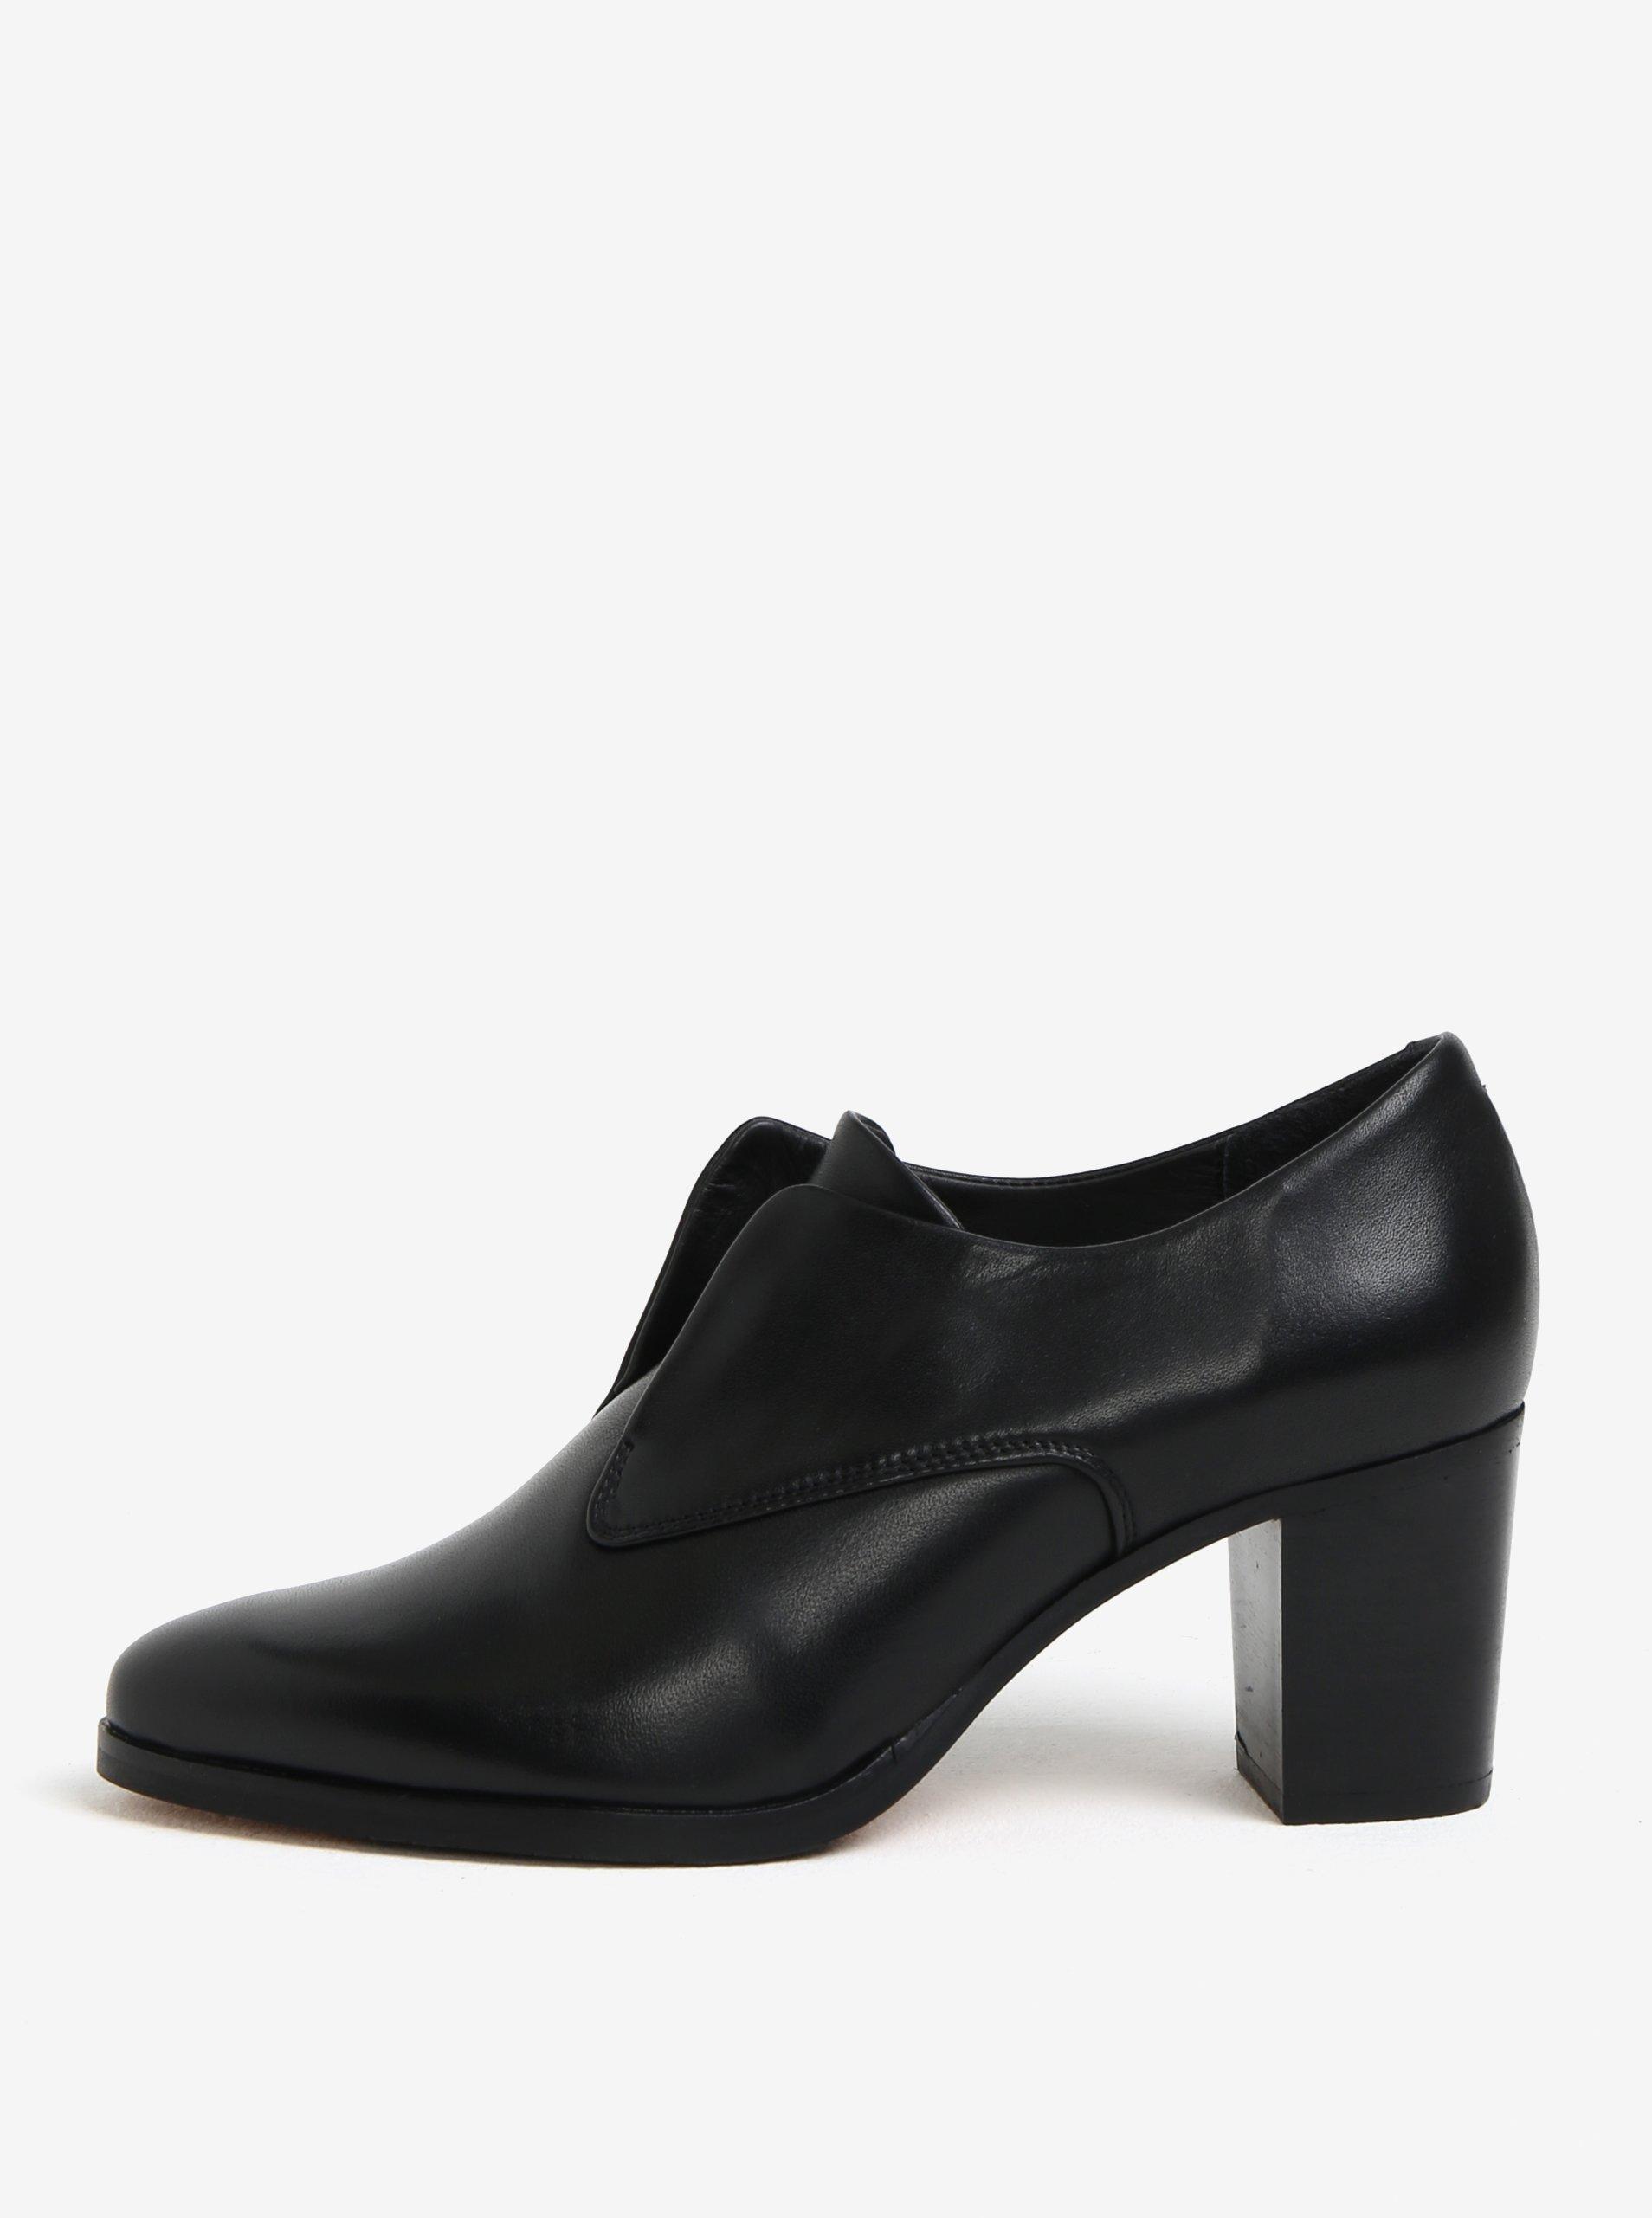 395e6e39ce Čierne dámske kožené poltopánky na podpätku Royal RepubliQ